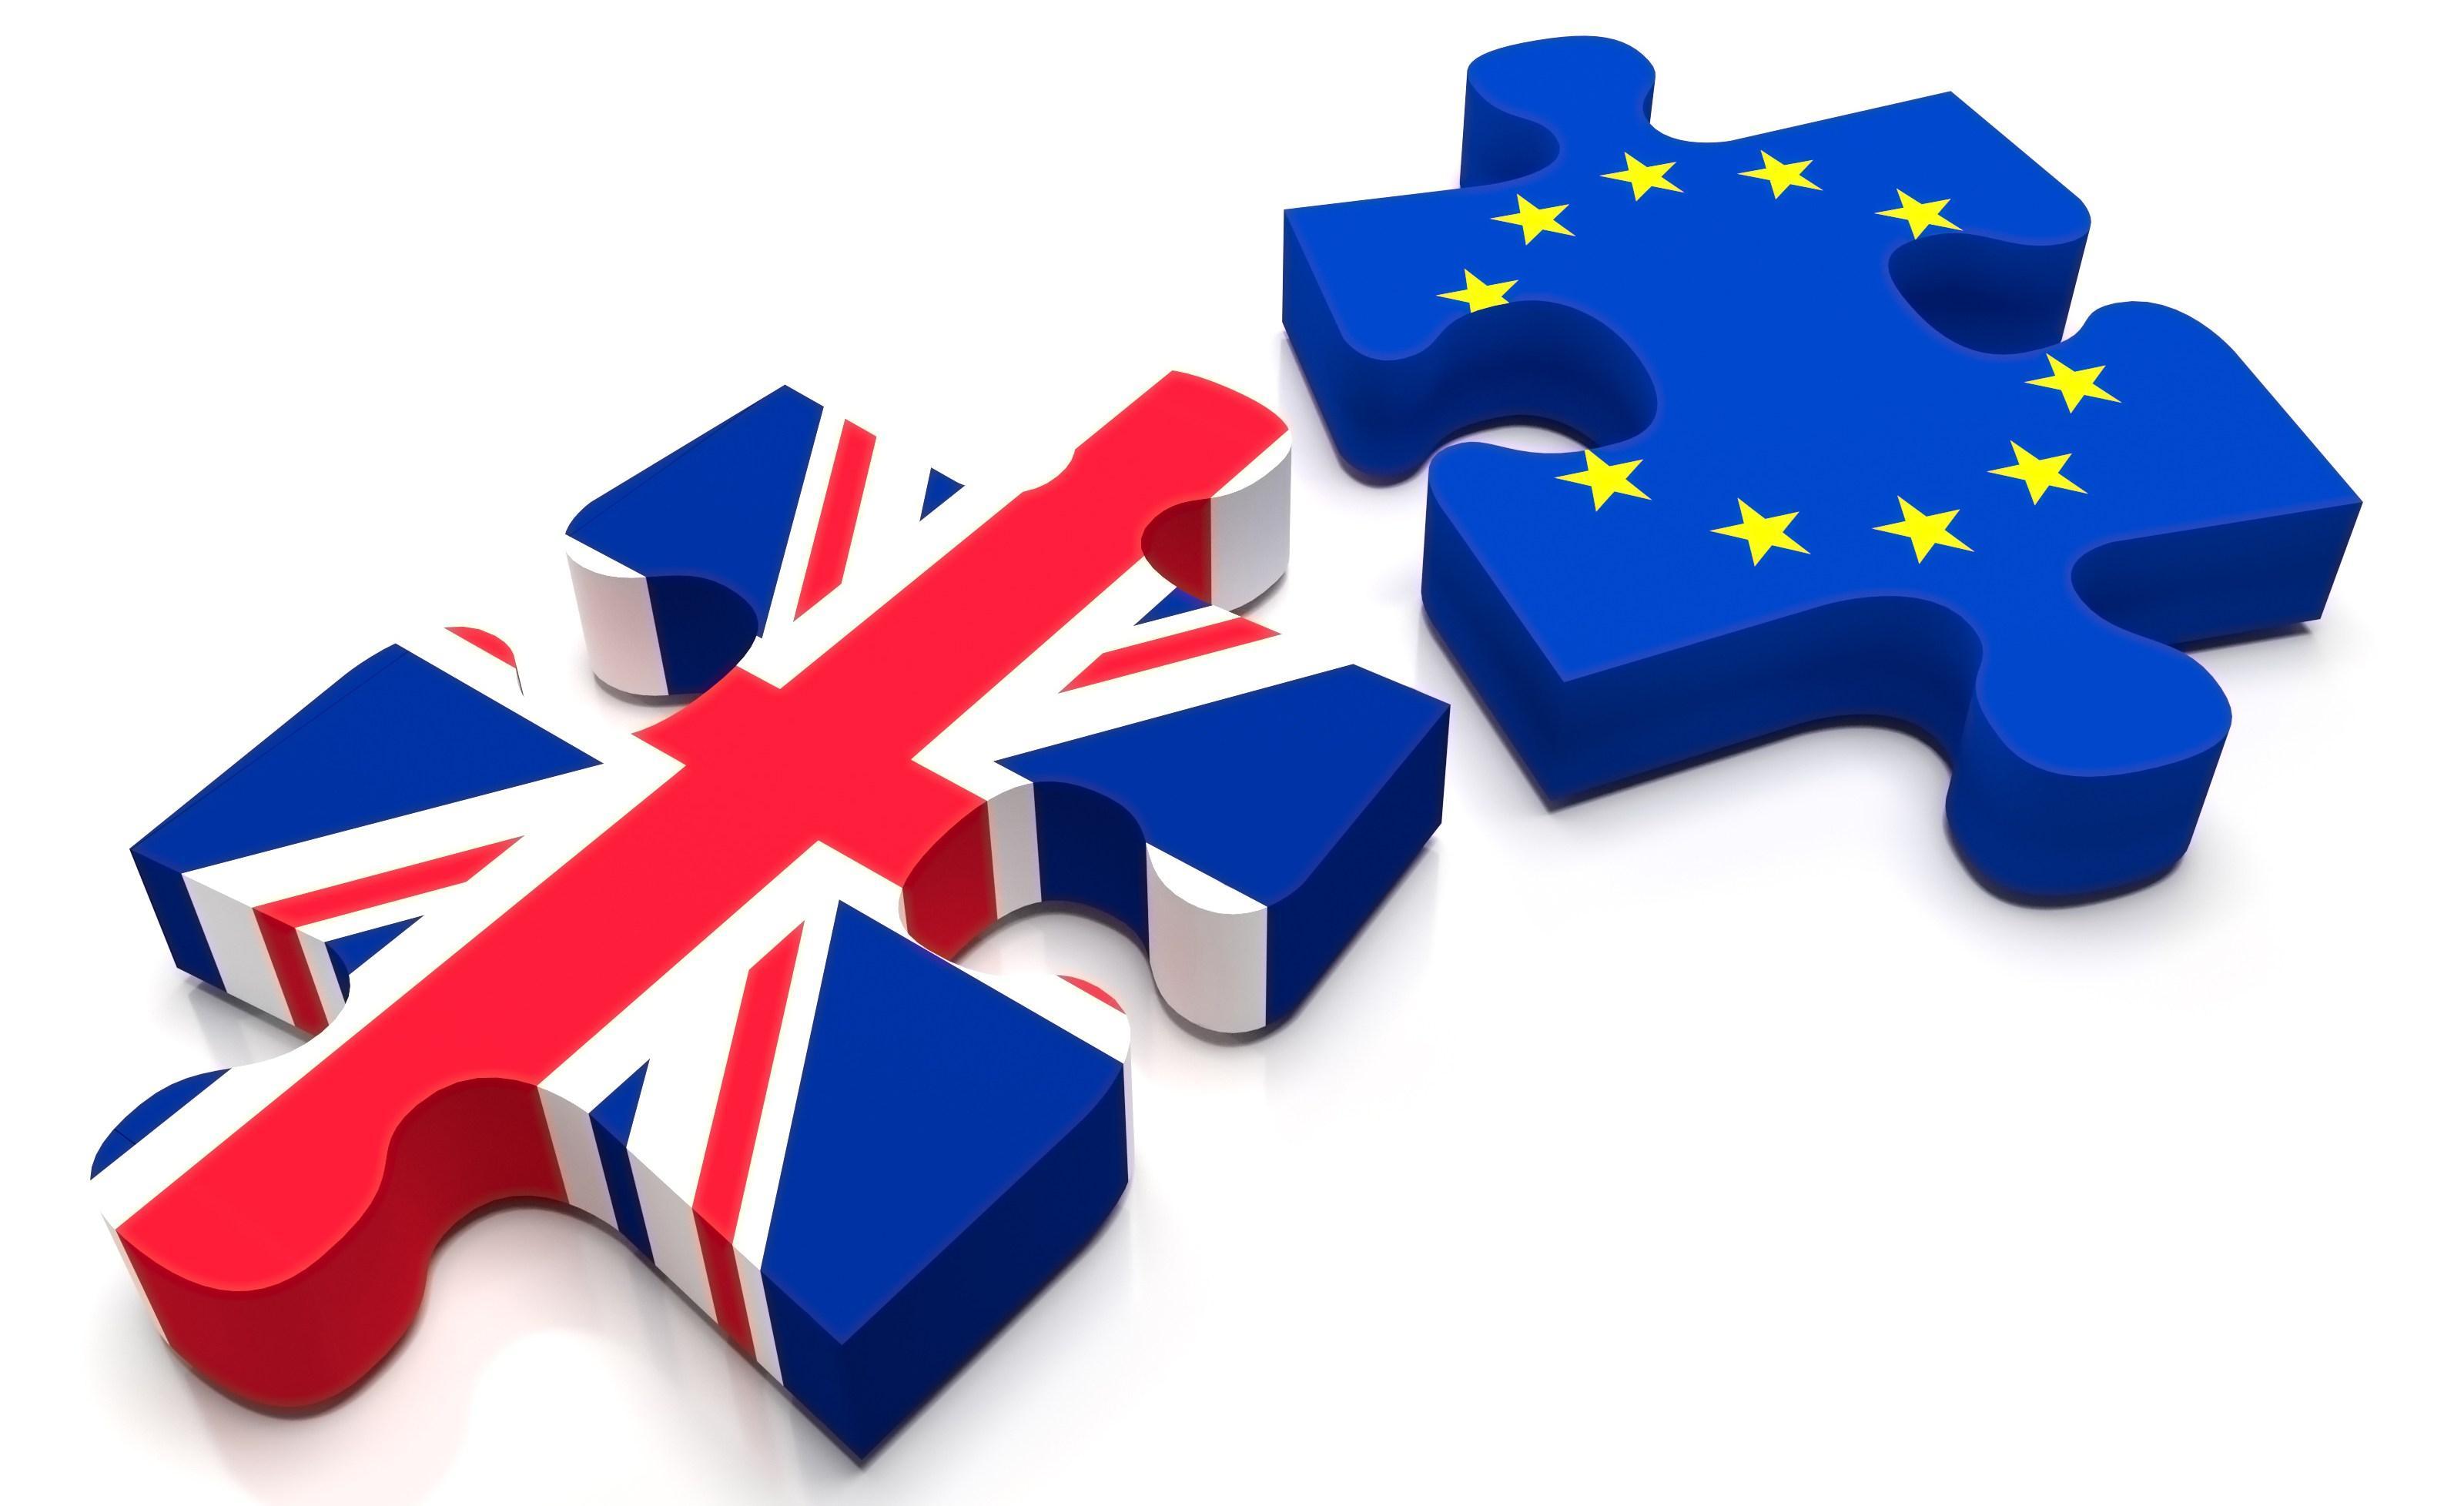 Scoția și Irlanda de Nord vor să rămână în UE. Se destramă Marea Britanie?